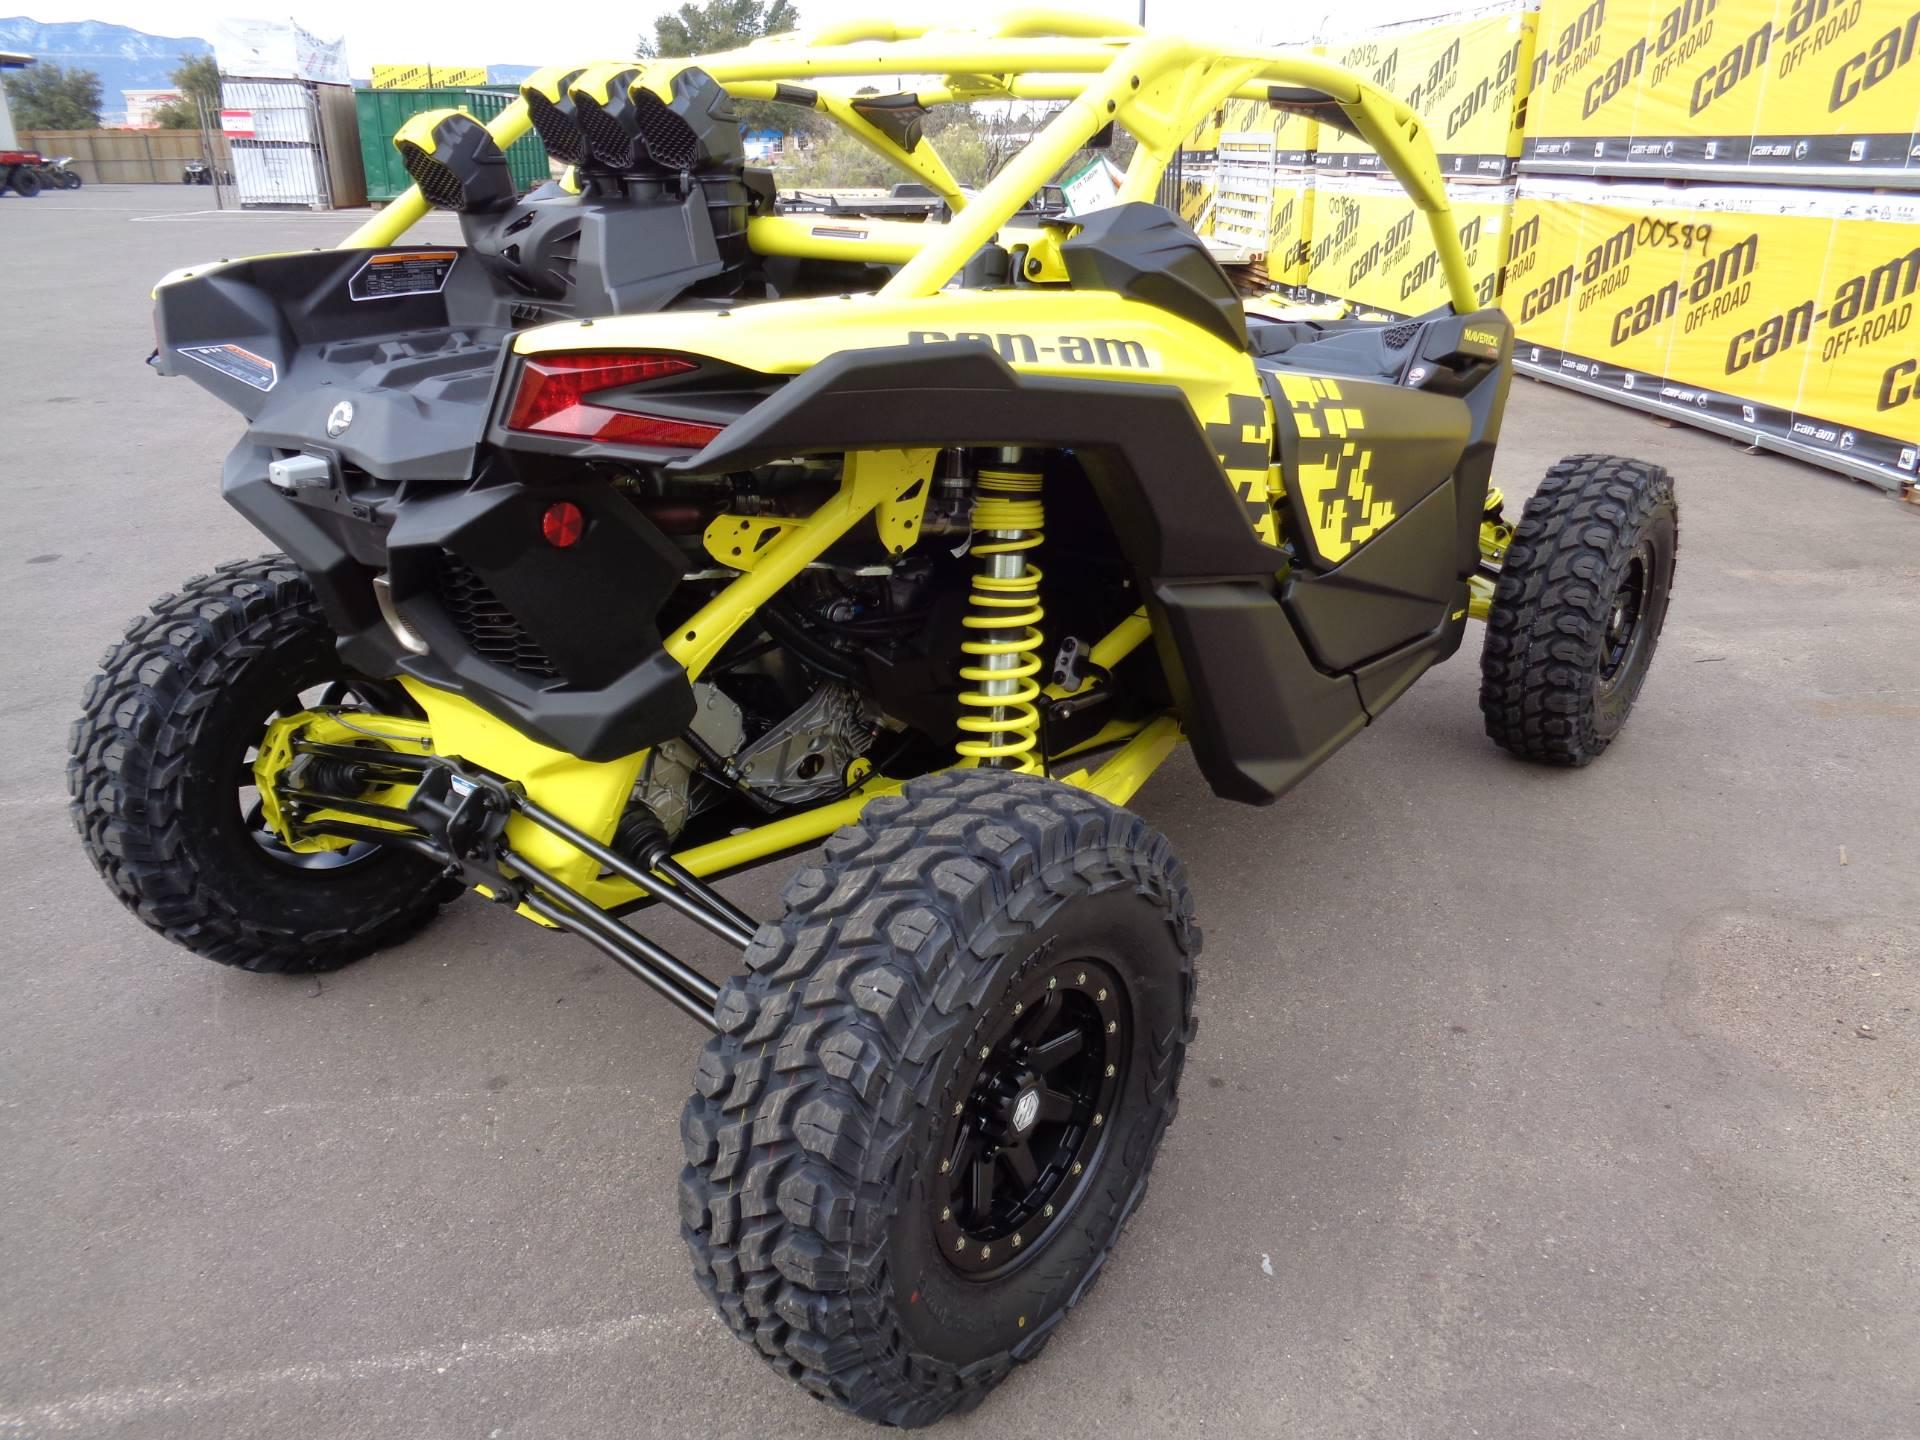 2019 Can-Am Maverick X3 X MR Turbo R in Sierra Vista, Arizona